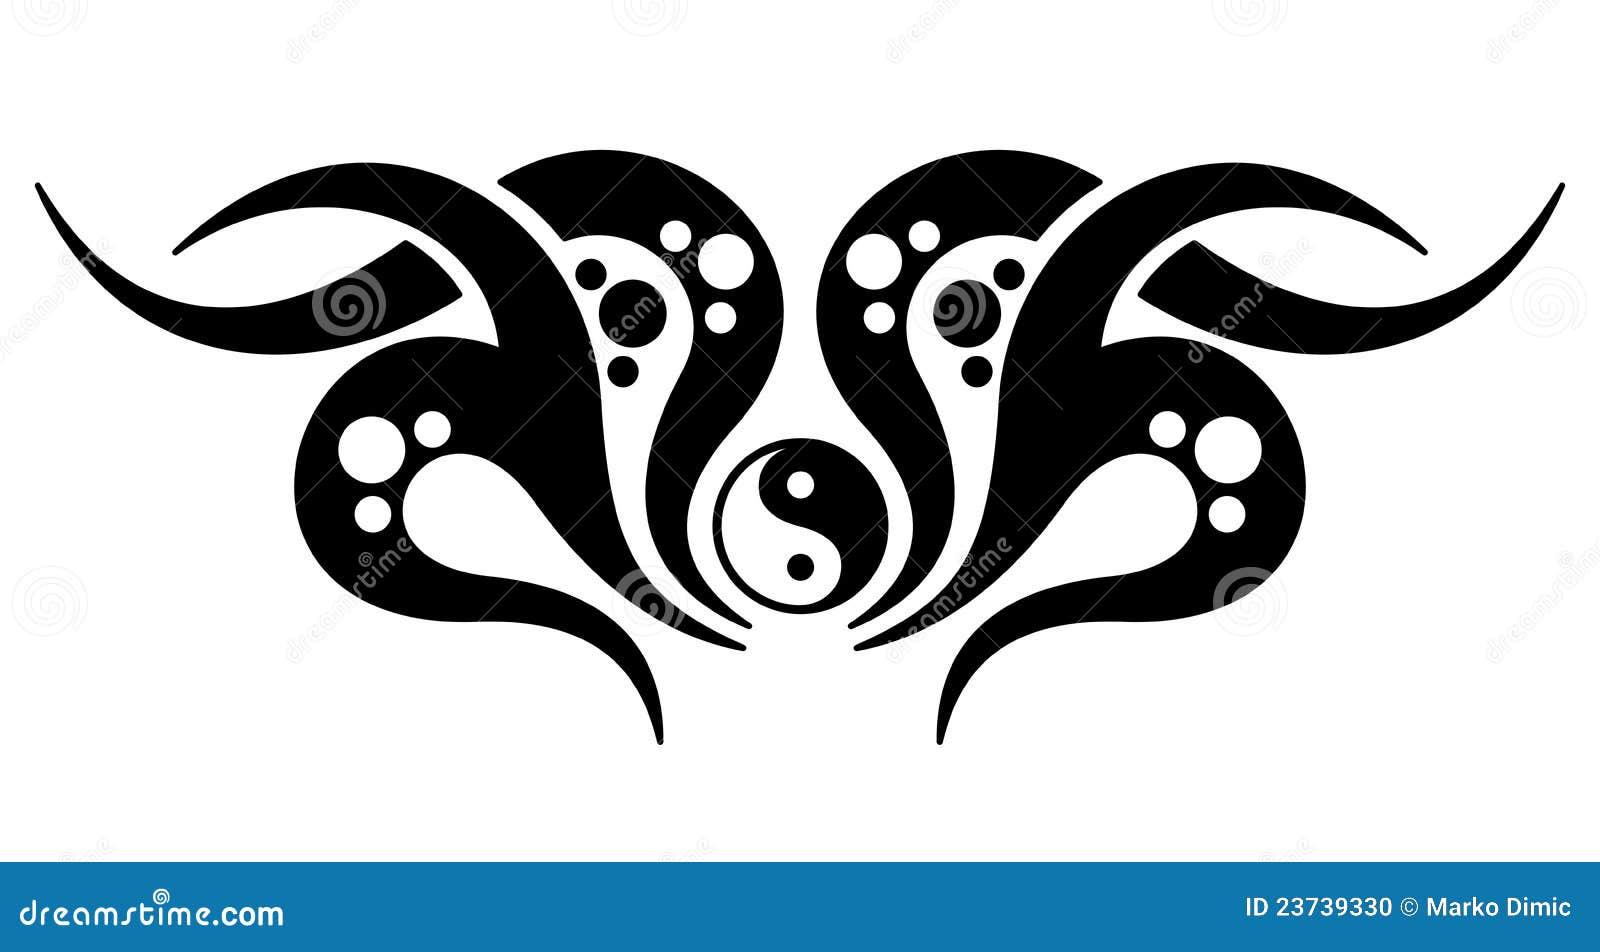 tatouage de yin yang illustration de vecteur illustration du noir 23739330. Black Bedroom Furniture Sets. Home Design Ideas